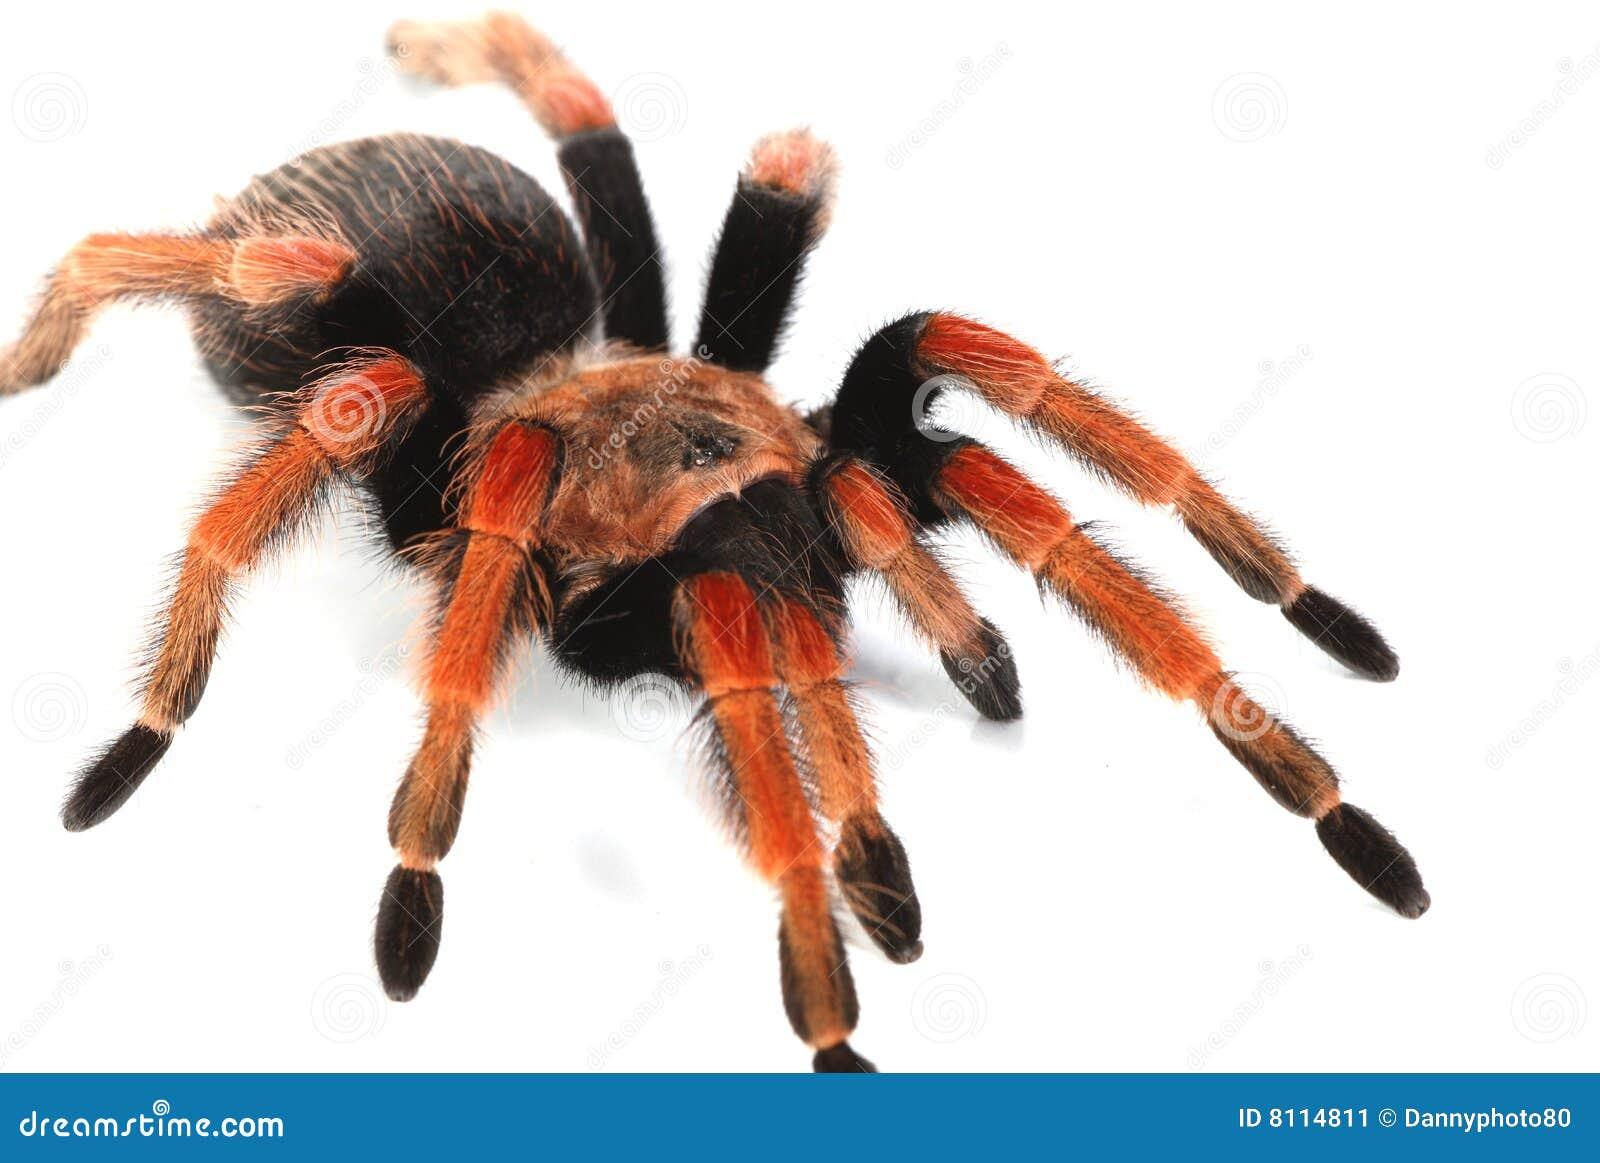 Гигантские тарантул, движущаяся визуальное представление гигантского паука!